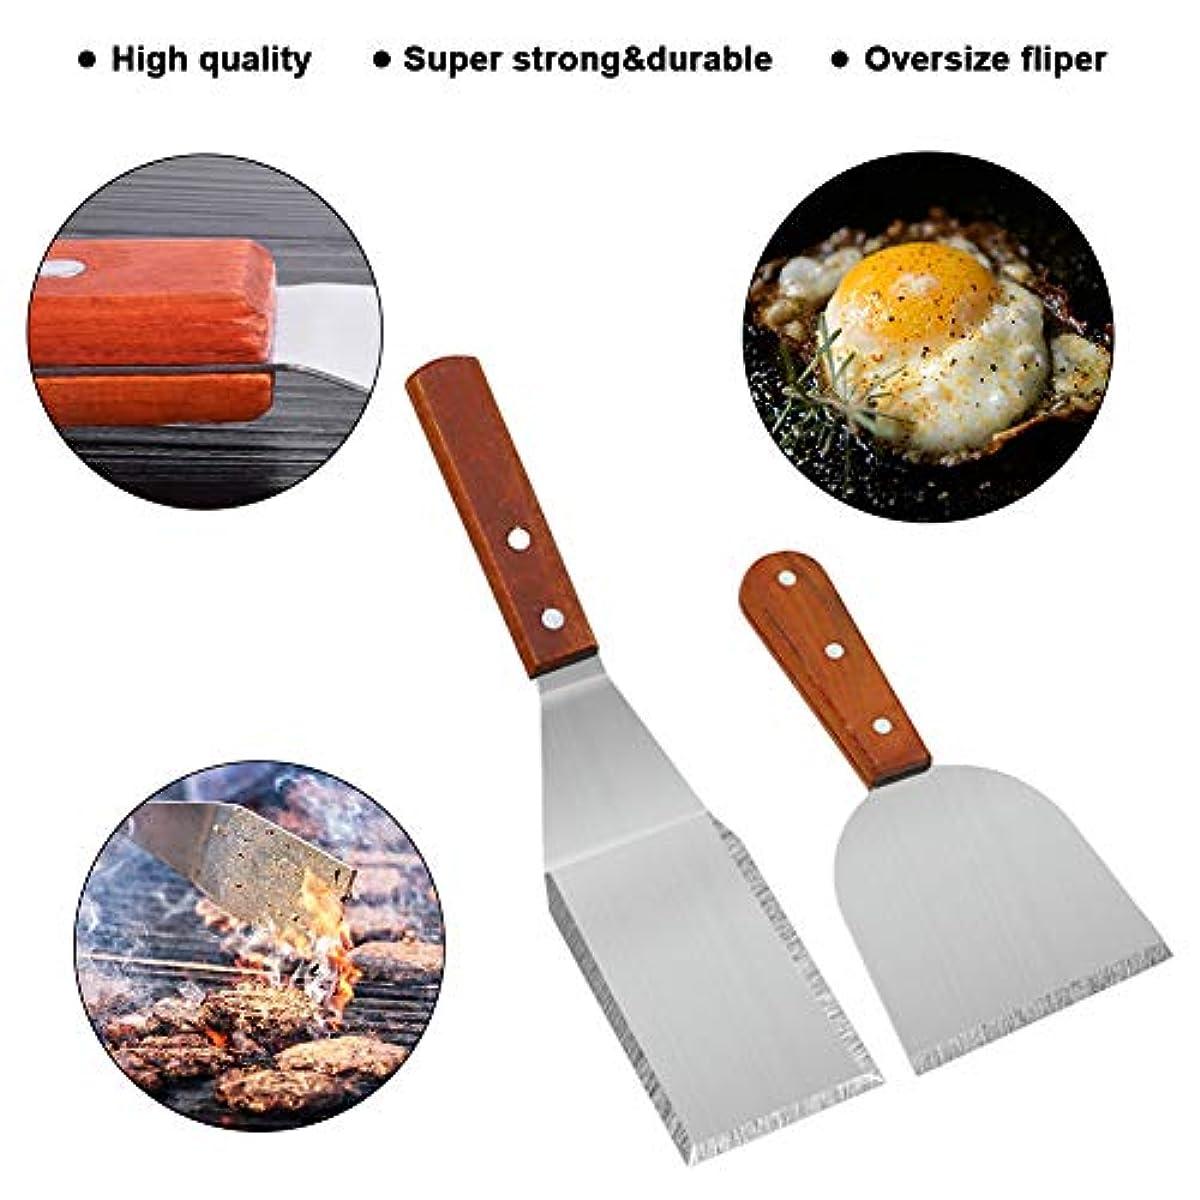 8 Stück Schwerer E MAIKEHIGH Grillspachtel Plancha Kit Edelstahl Grillbesteck